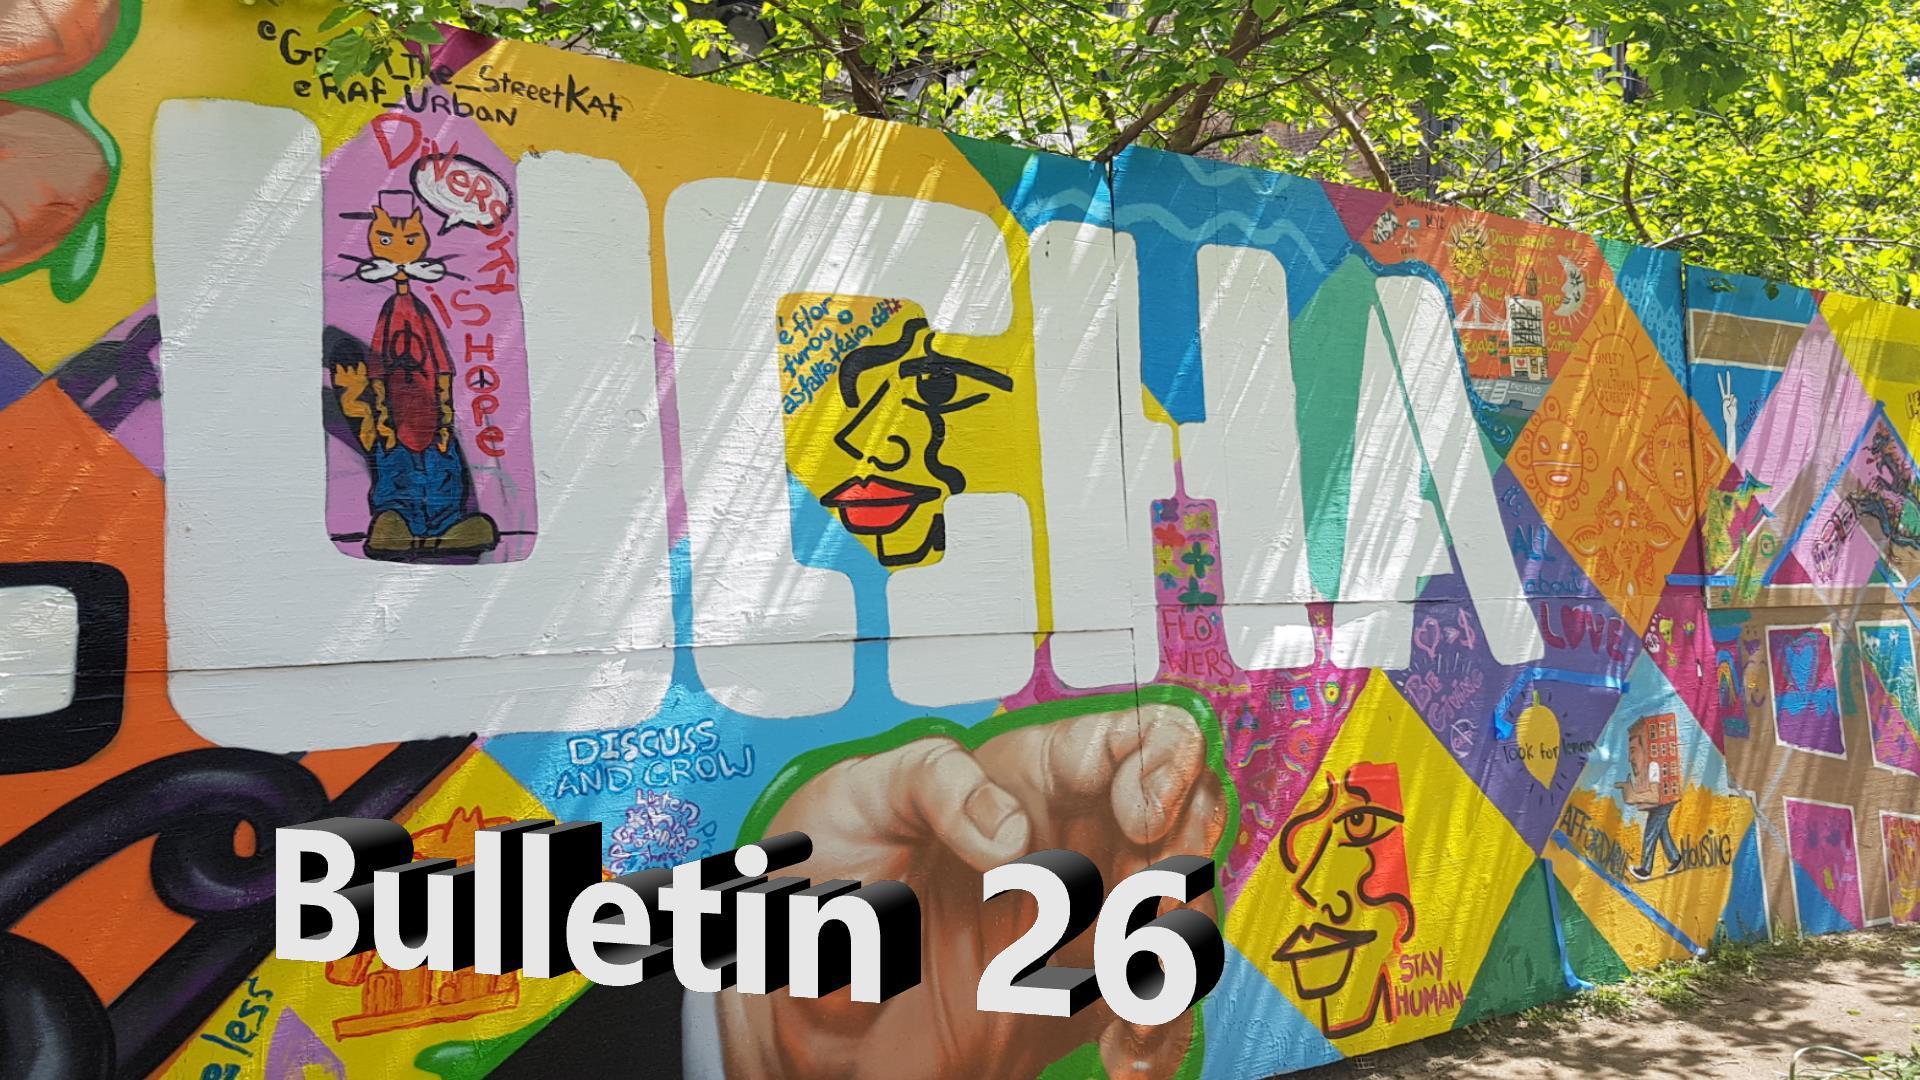 Bulletin 26, June 15